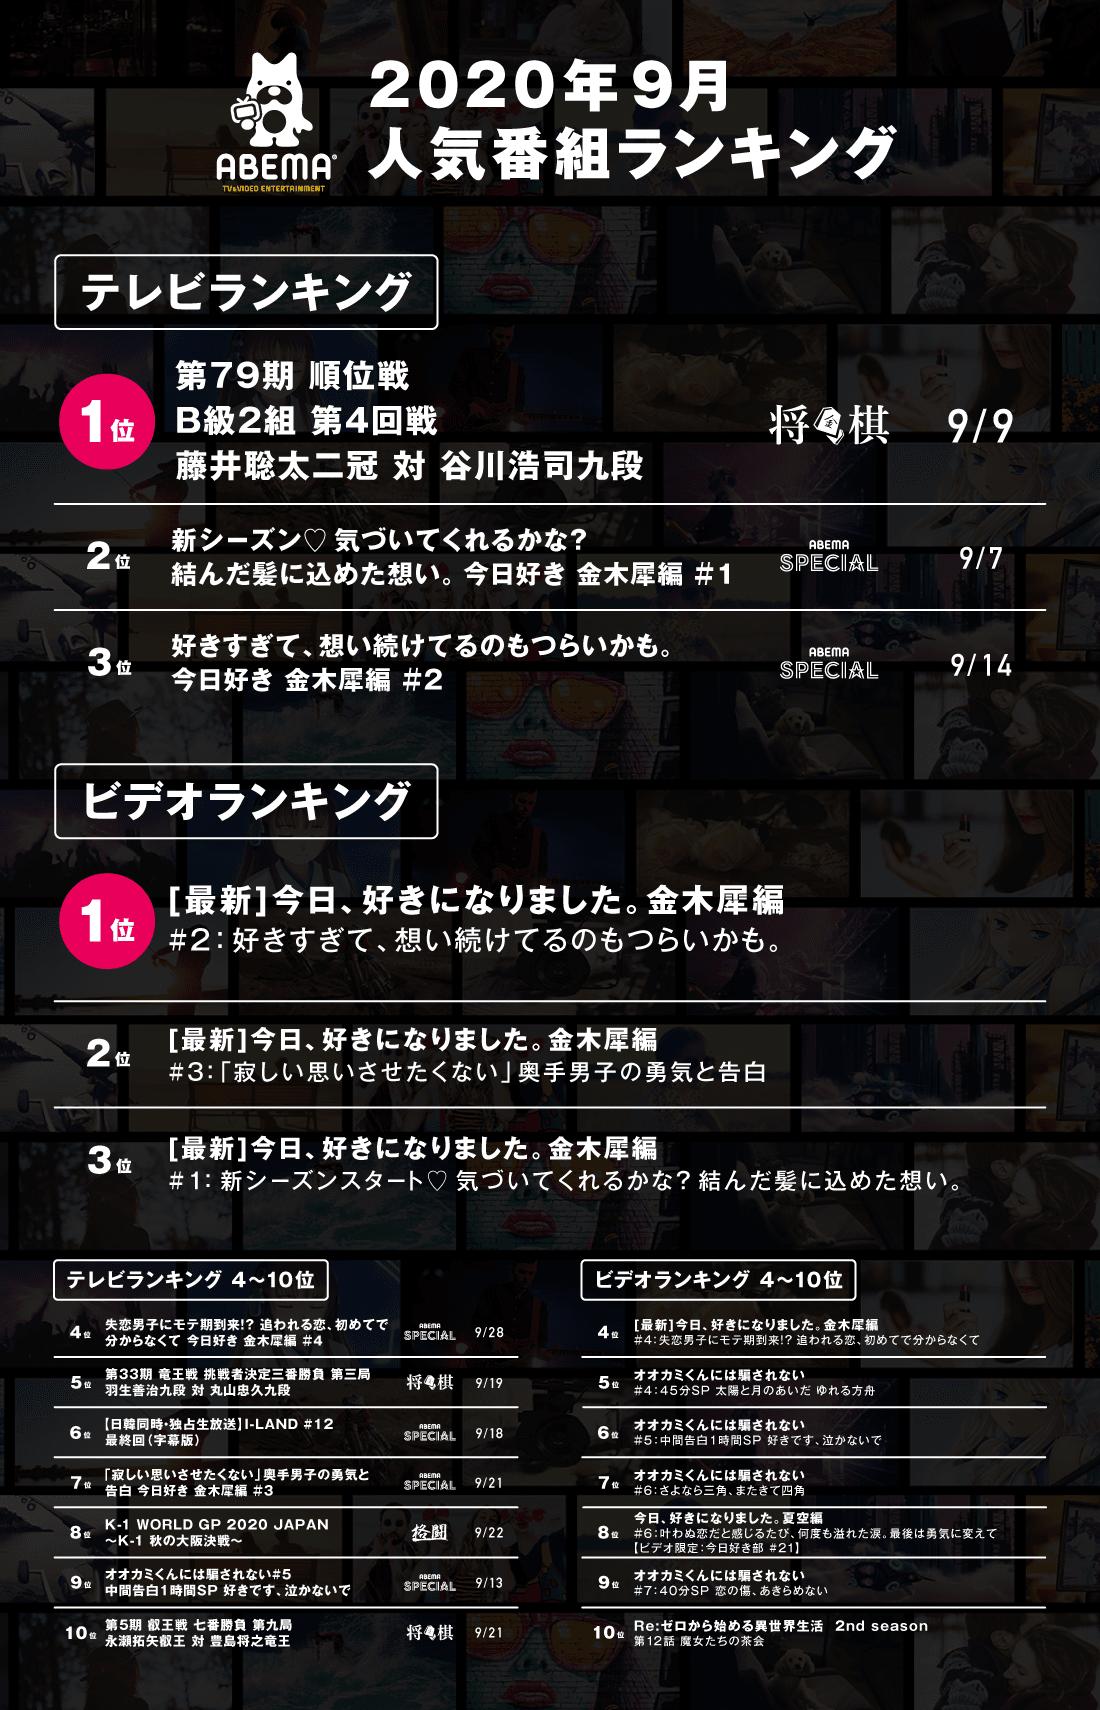 藤井 聡太 リアルタイム 速報・ニュース 藤井聡太を忖度なしで応援するブログ